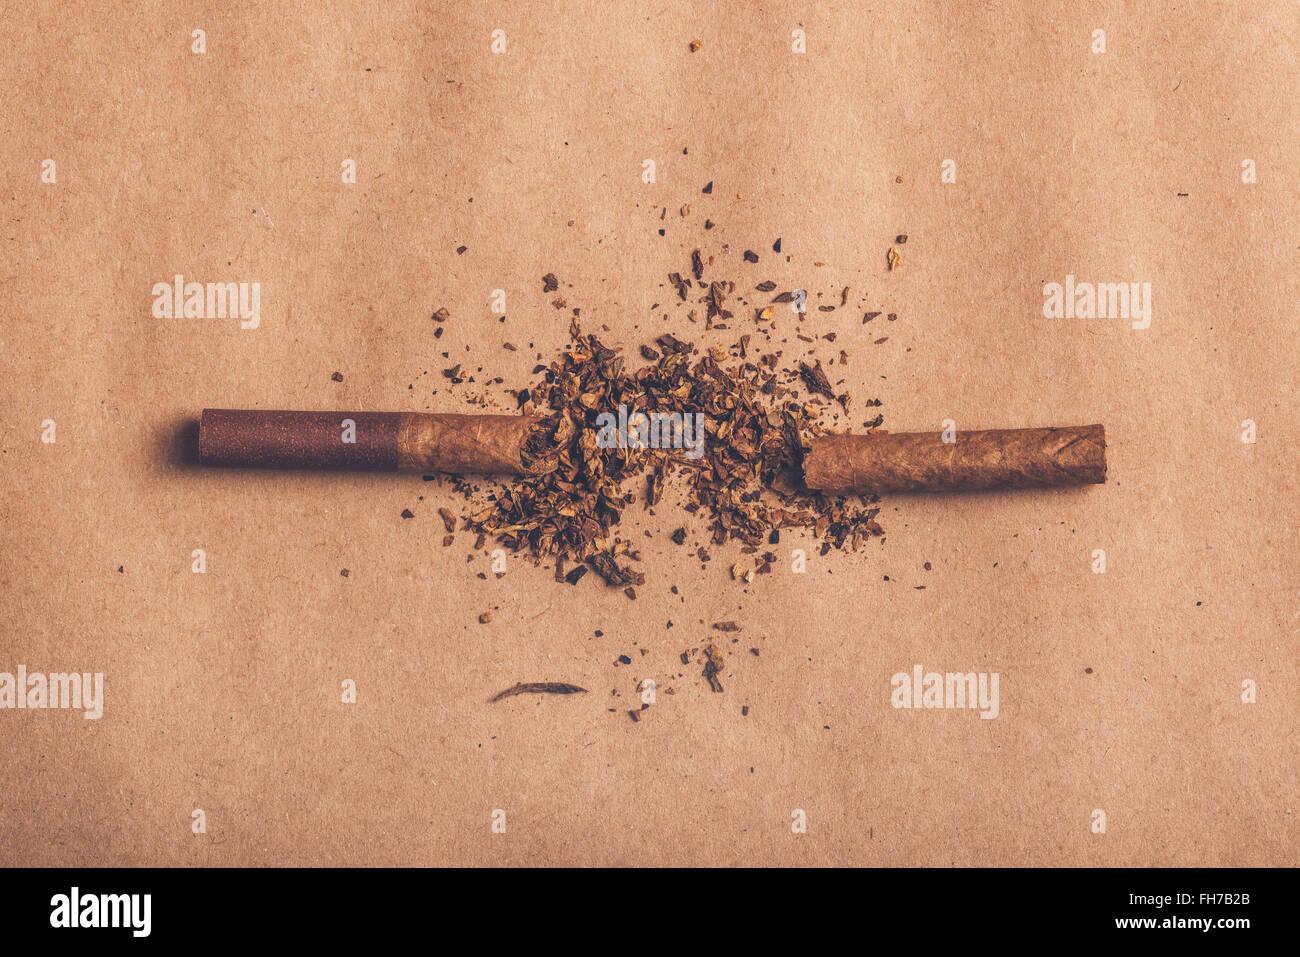 Beenden Sie rauchen Konzept, Zigarette Draufsicht, warmen Retro-Bildton gebrochen. Stockbild